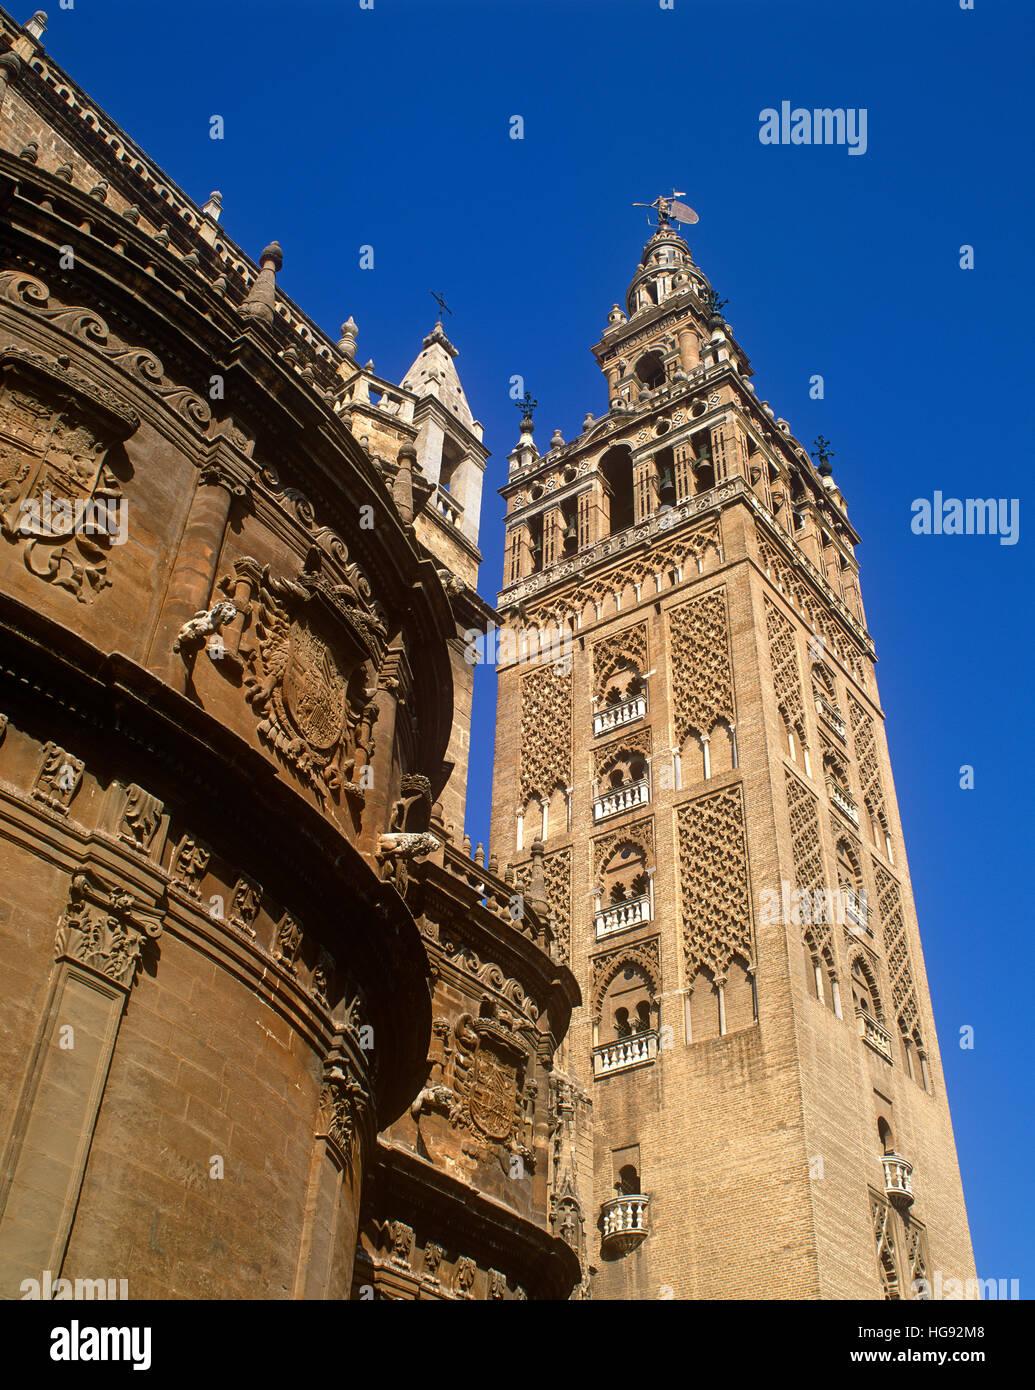 La torre Giralda di Siviglia, in Andalusia, Spagna Immagini Stock